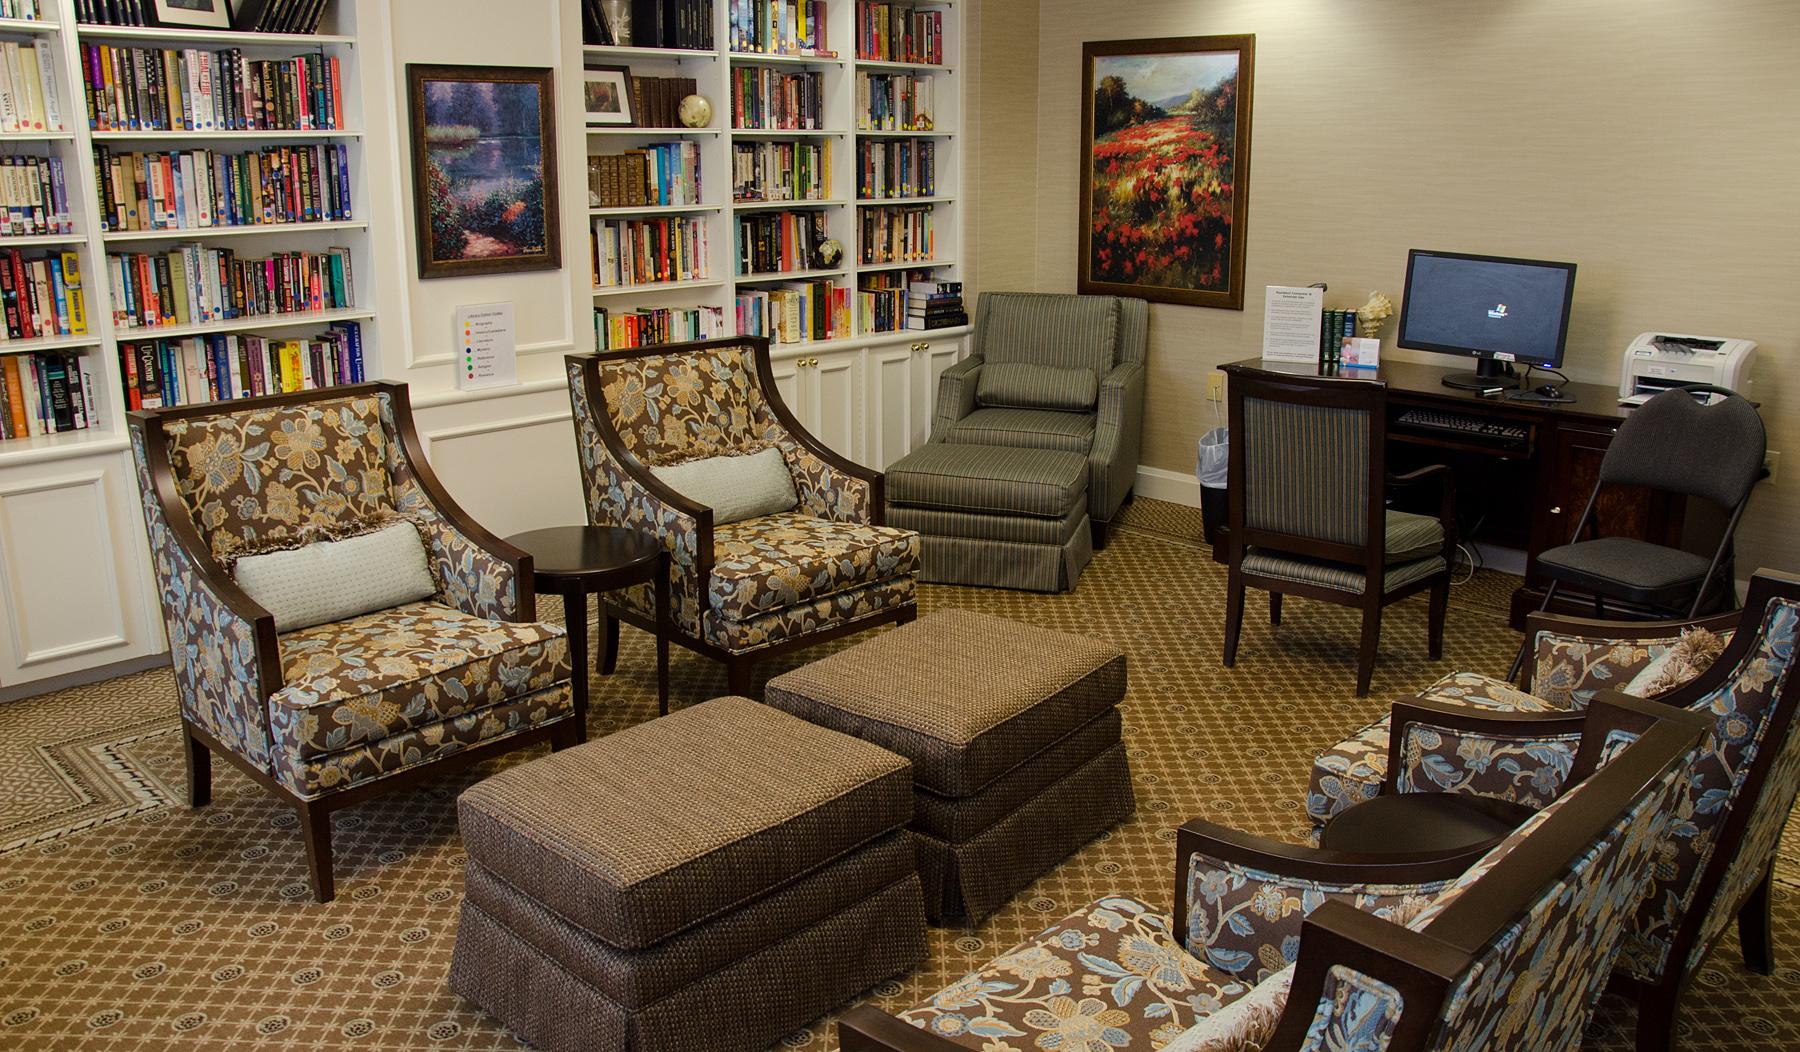 Revera The Beechwood Retirement Residence